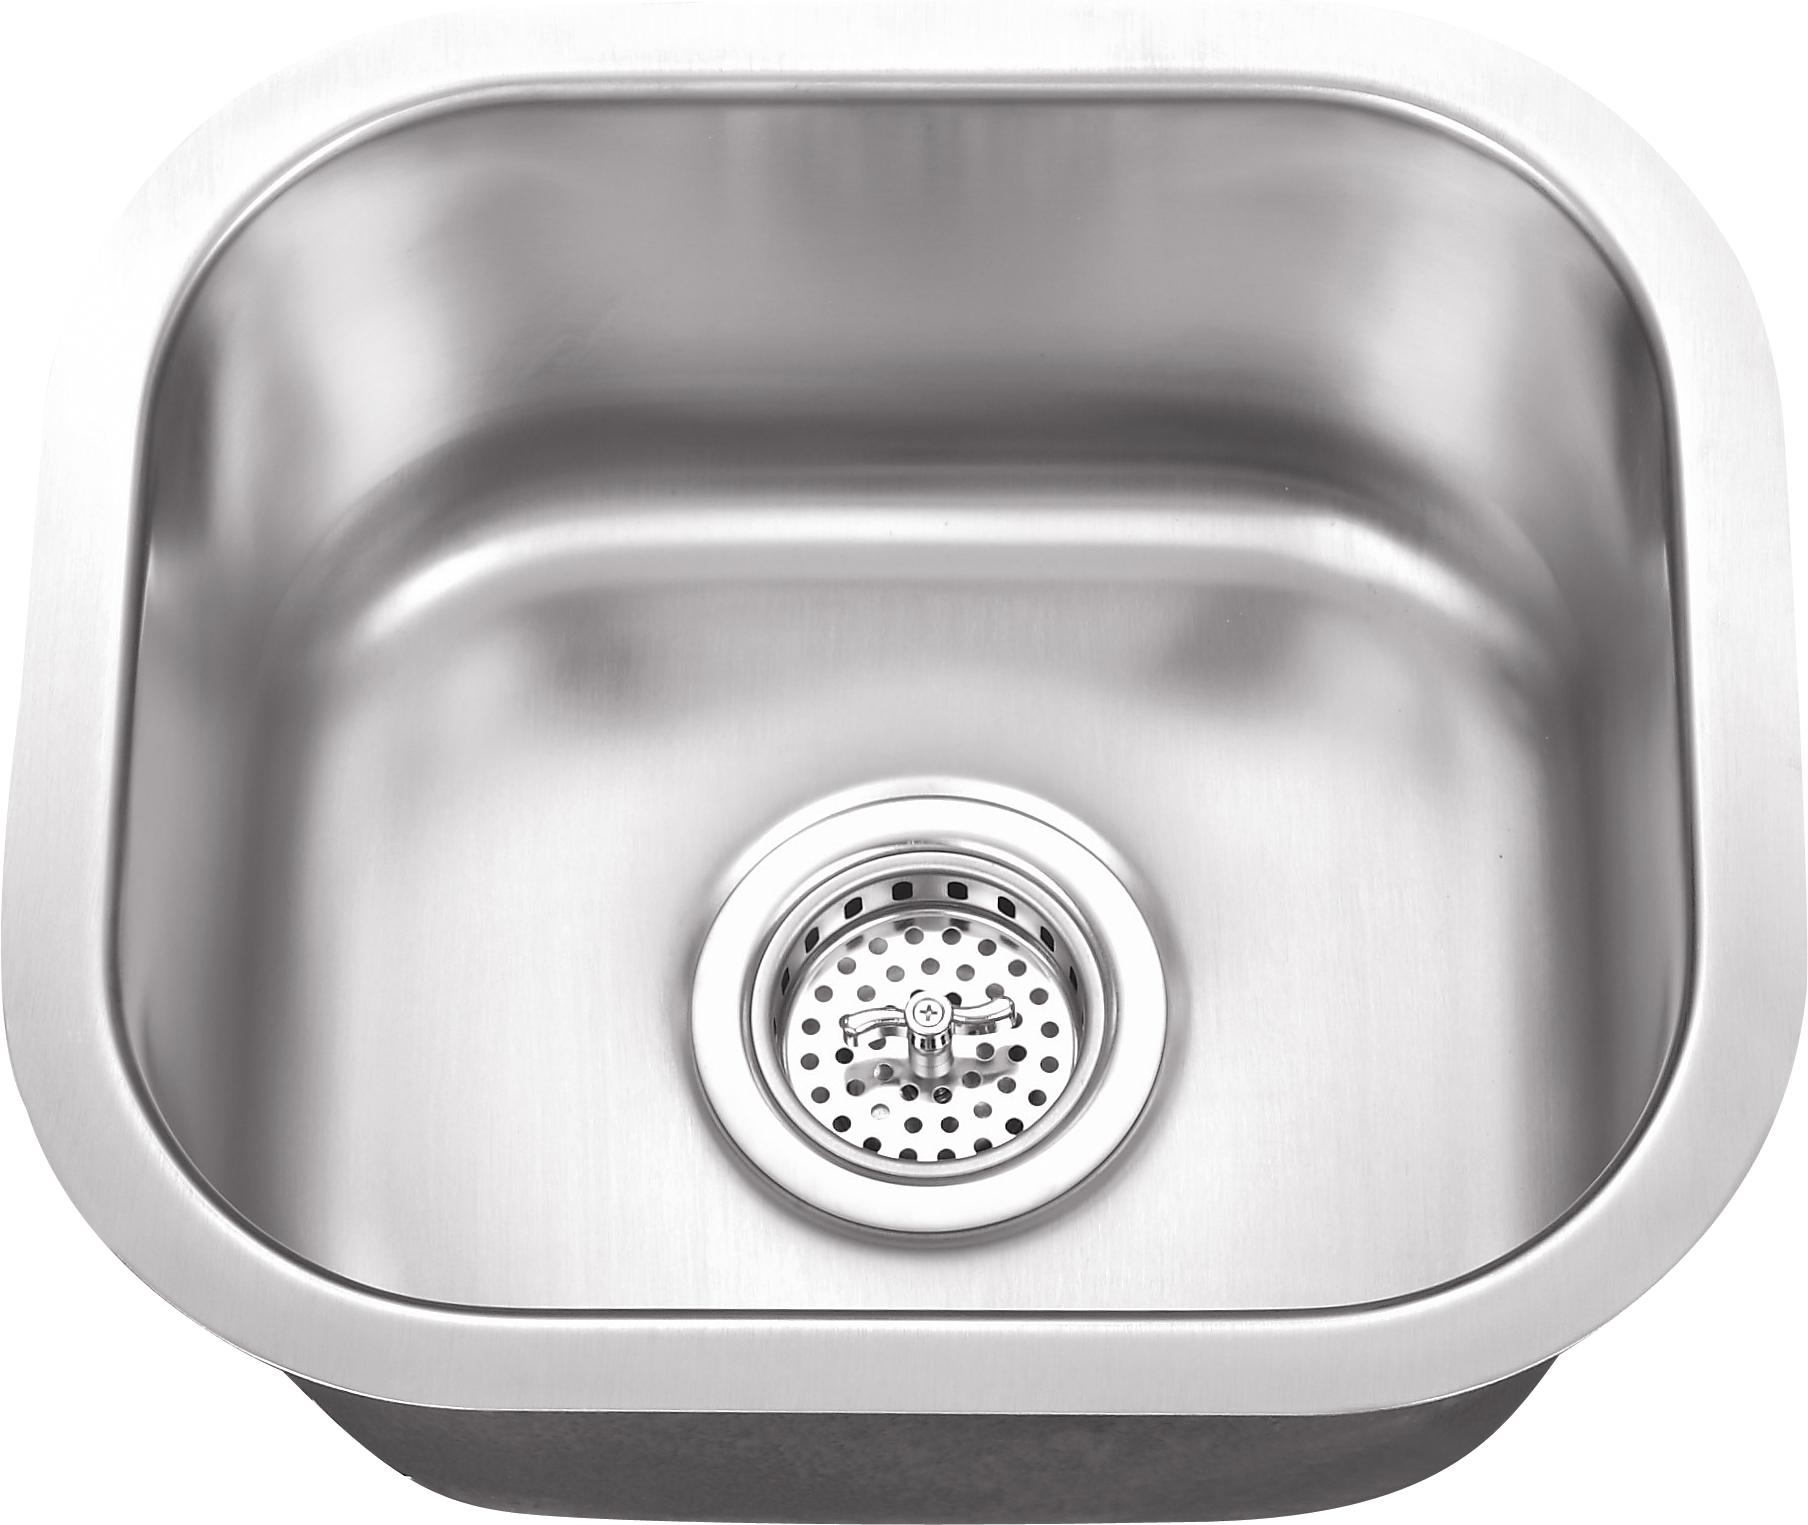 15 X Stainless Steel Bar Sink Undermount Sink Decorating